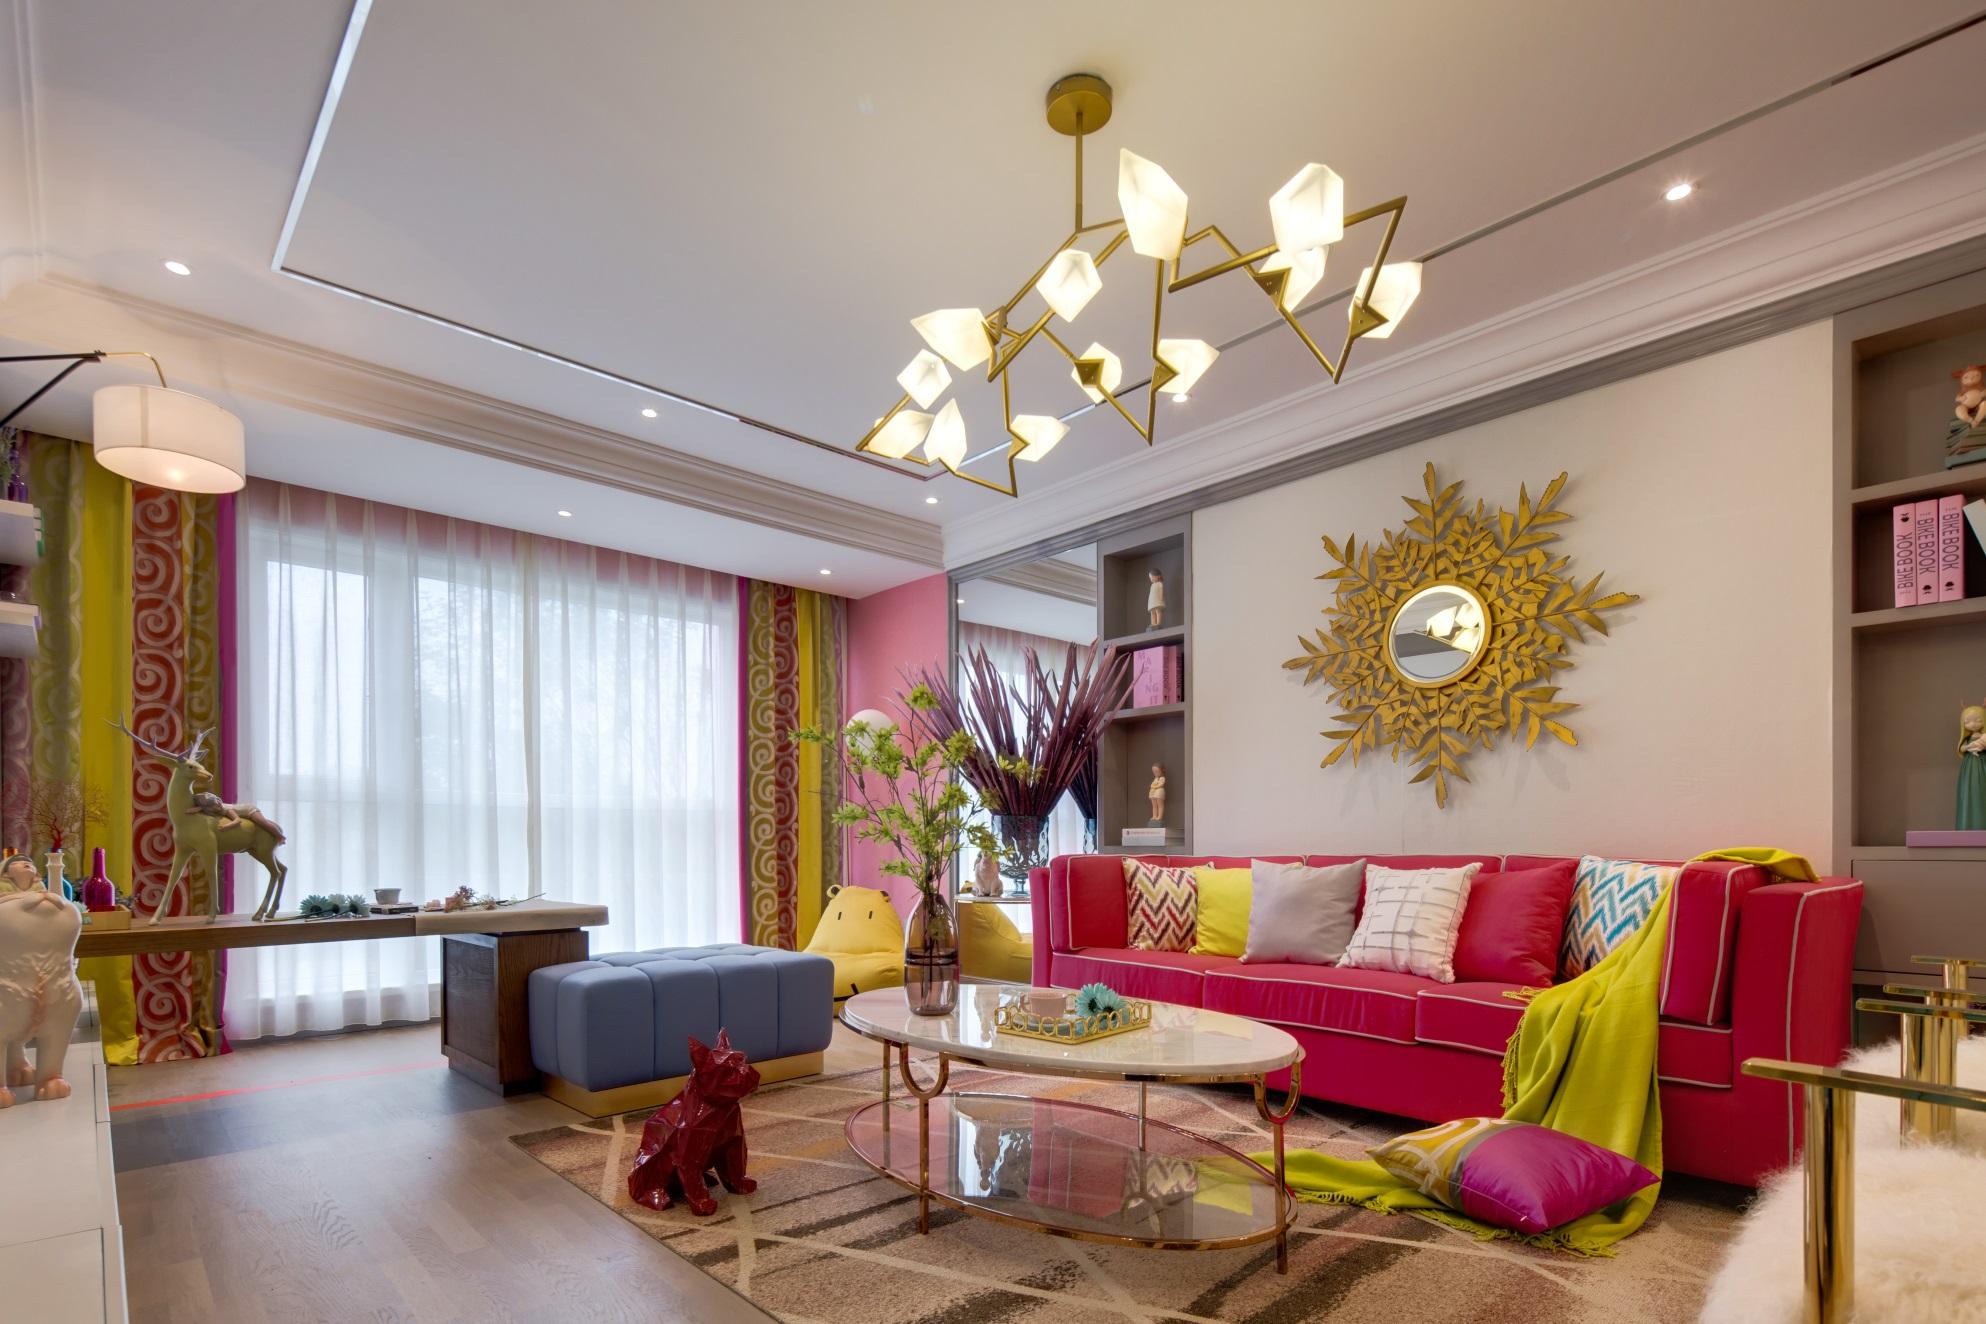 客厅浪漫气息浓厚,粉色与白色的结合,打造出粉丝调的甜腻感,使人感受到一抹活泼。